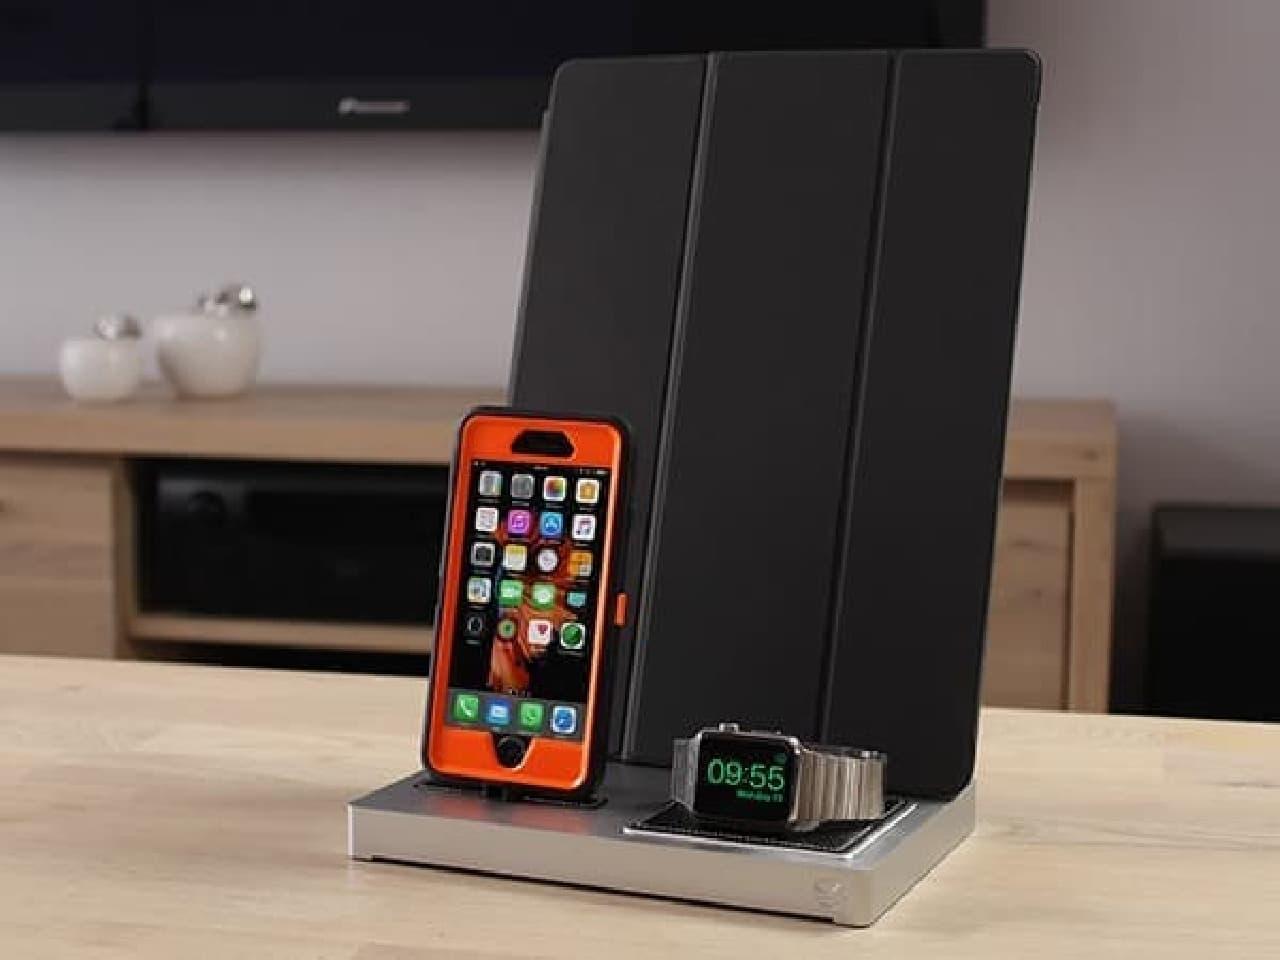 スマートフォンカバーやキーボードケースを装着したままで充電が可能なAppleデバイス専用Dock「エボラス3」